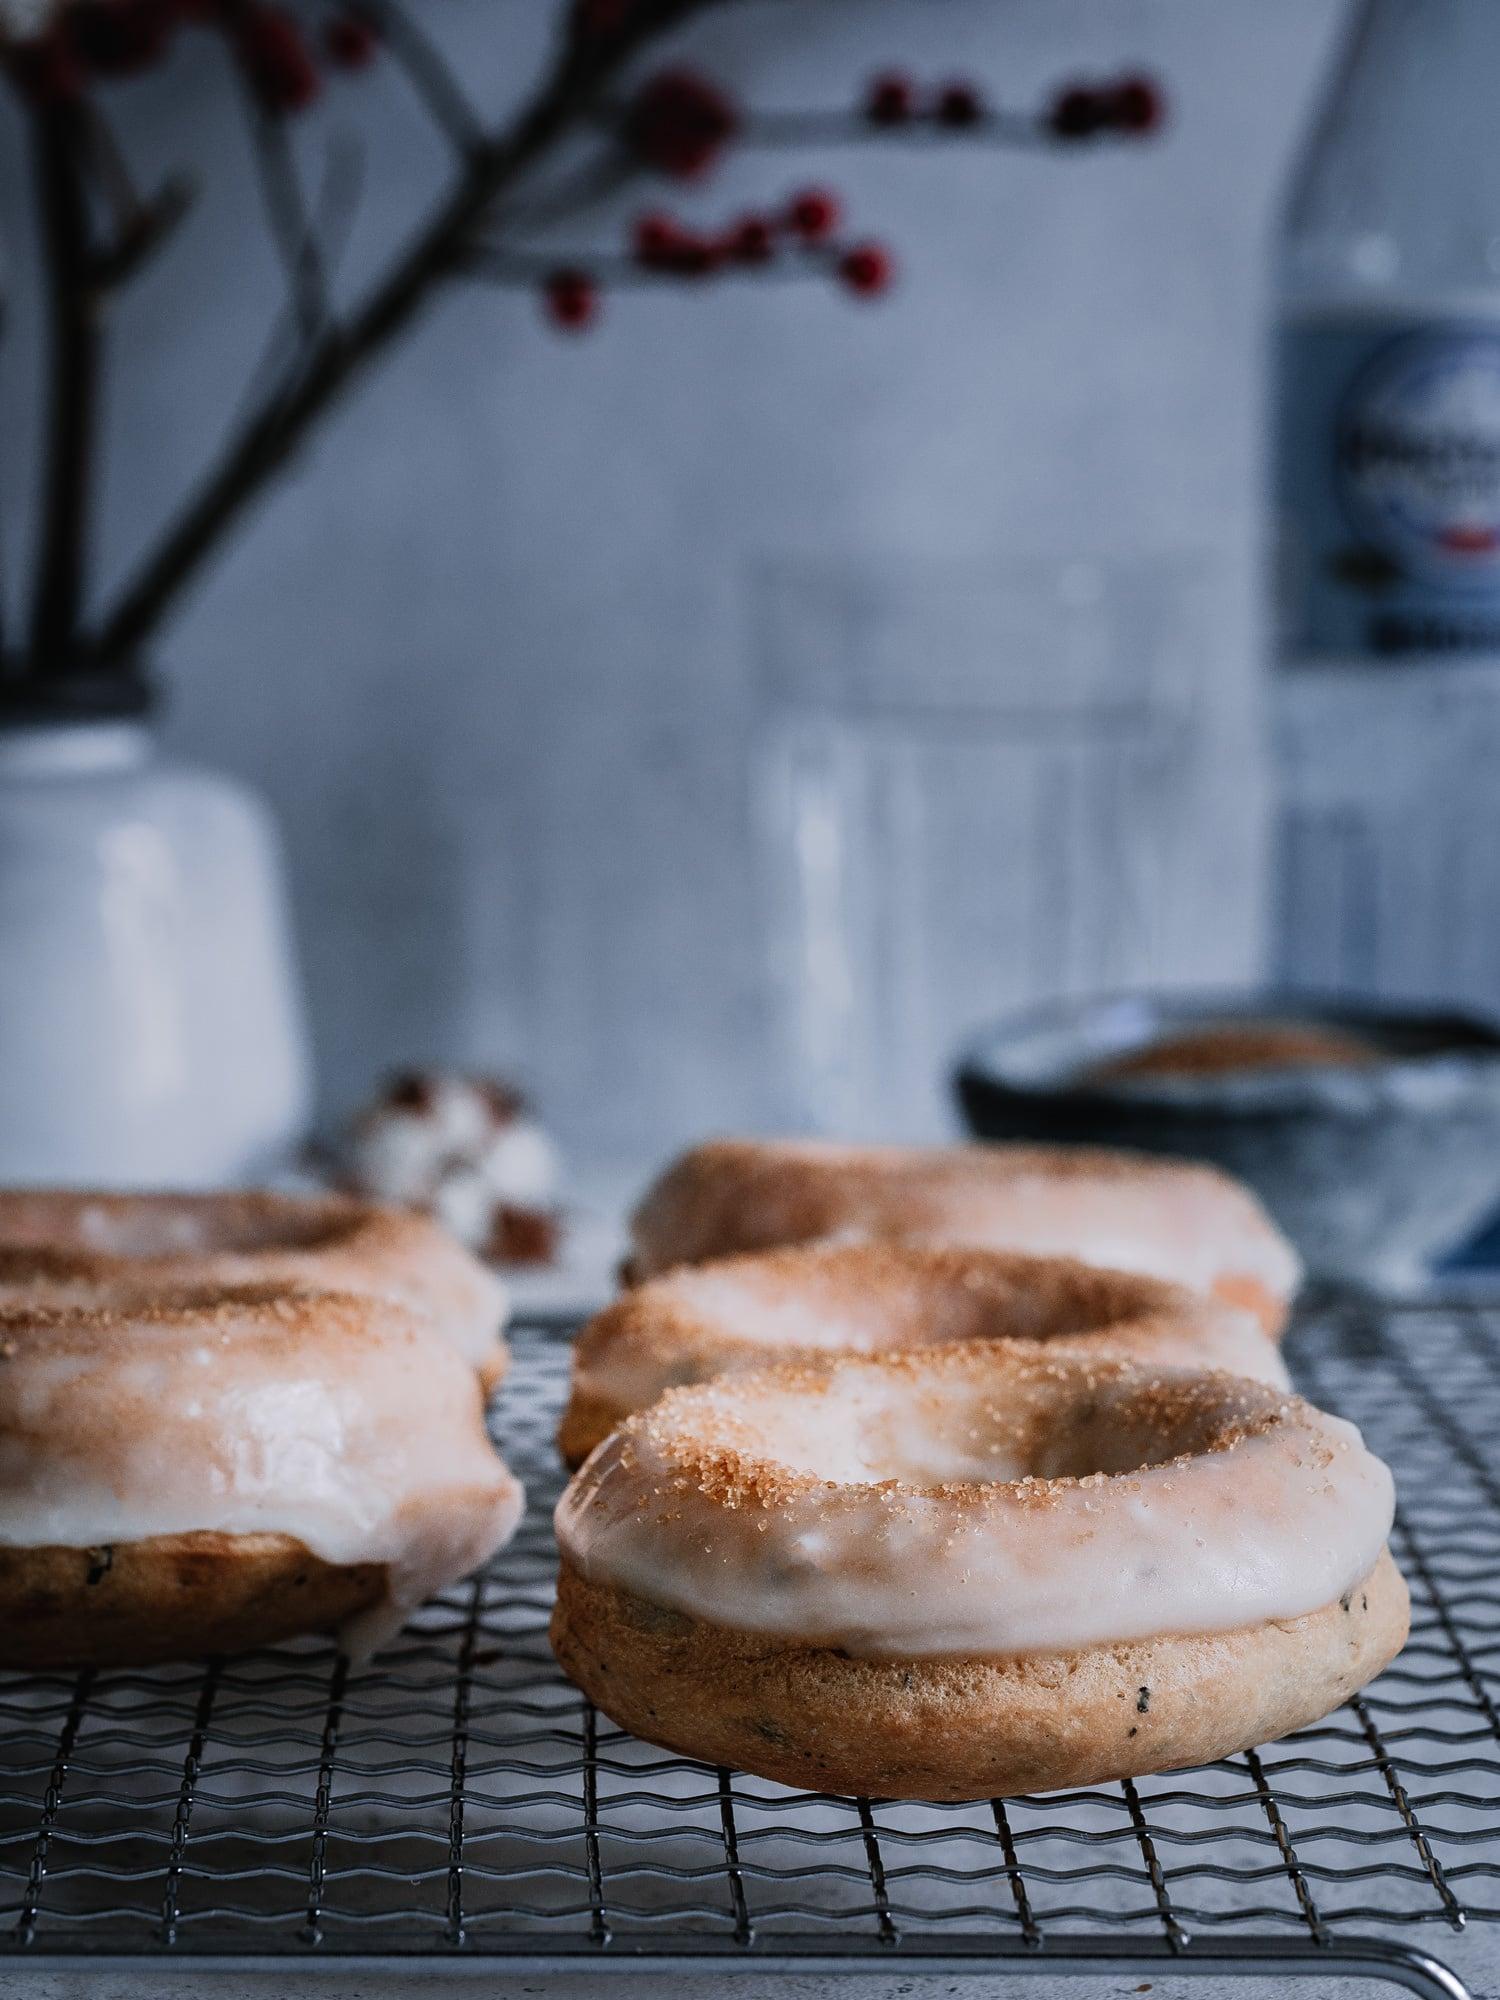 vegane Donuts frisch aus dem Ofen